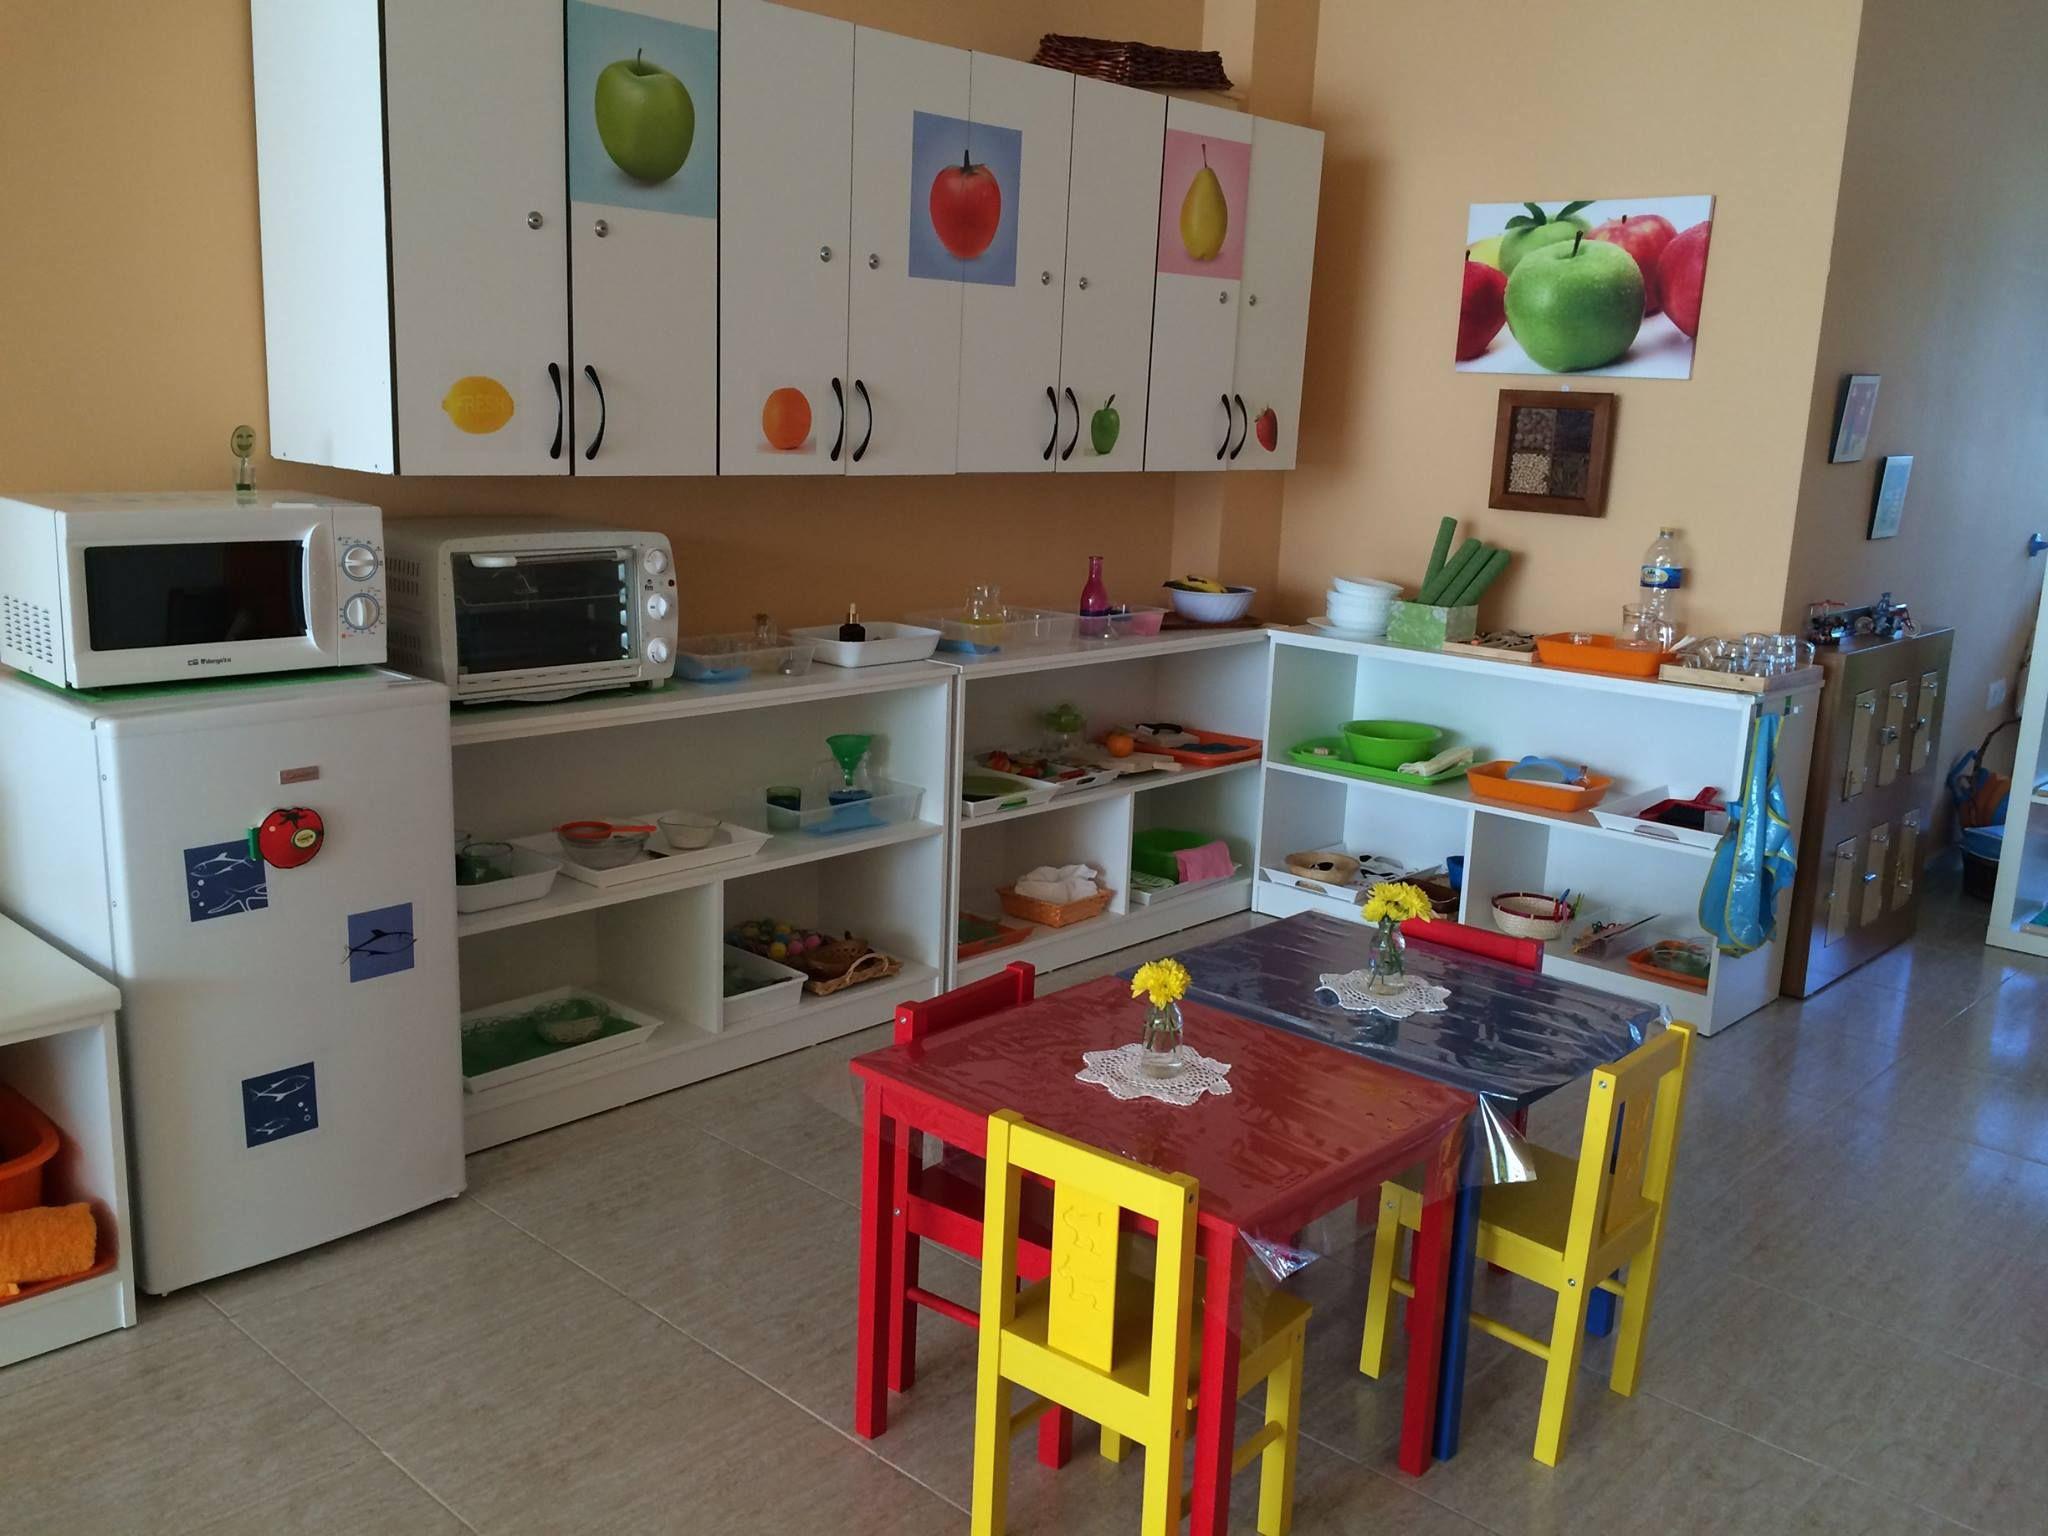 Casa de niños Montessori en Zafra   Ambiente Montessori   Pinterest ...